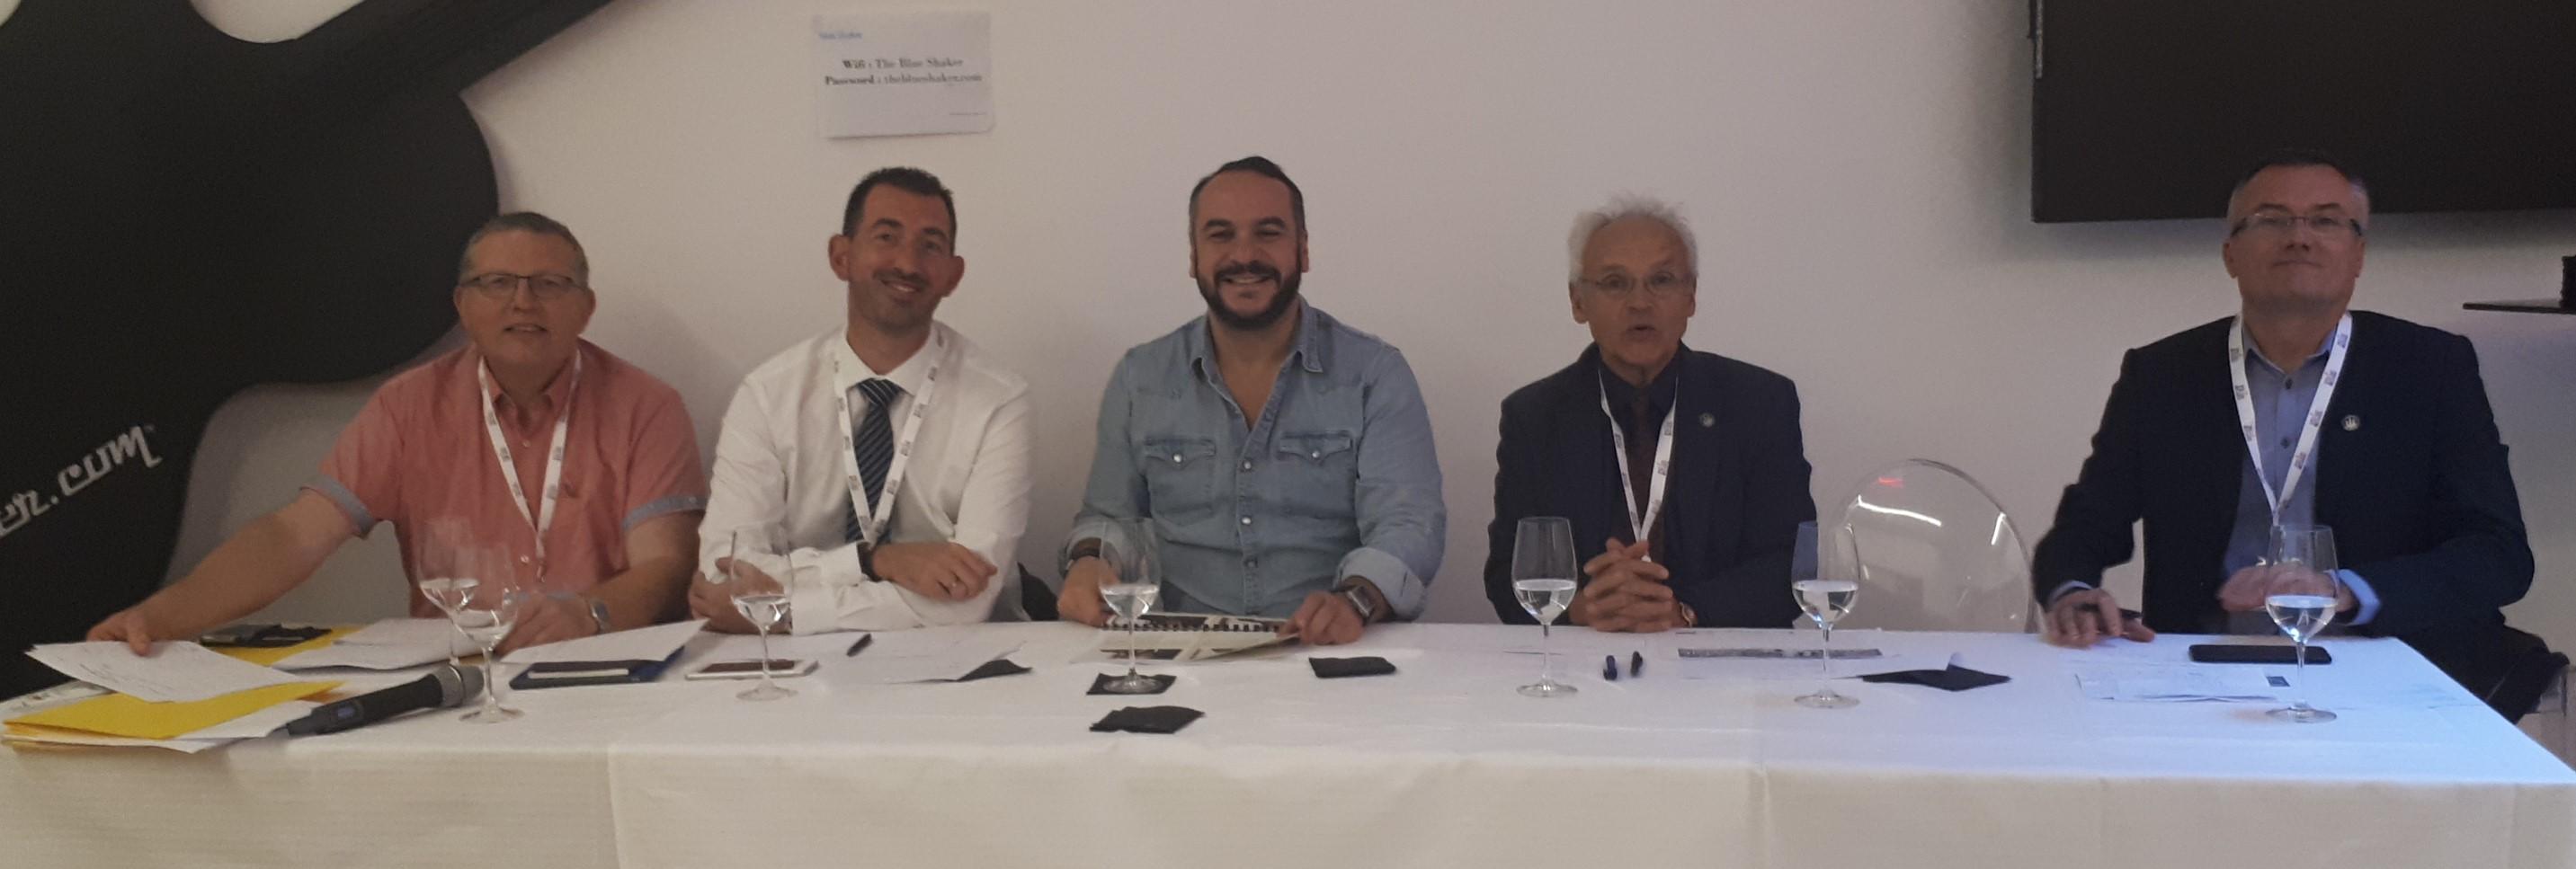 Jury finale du Concours du meilleur Caviste de France 2018 avec FX Demaison